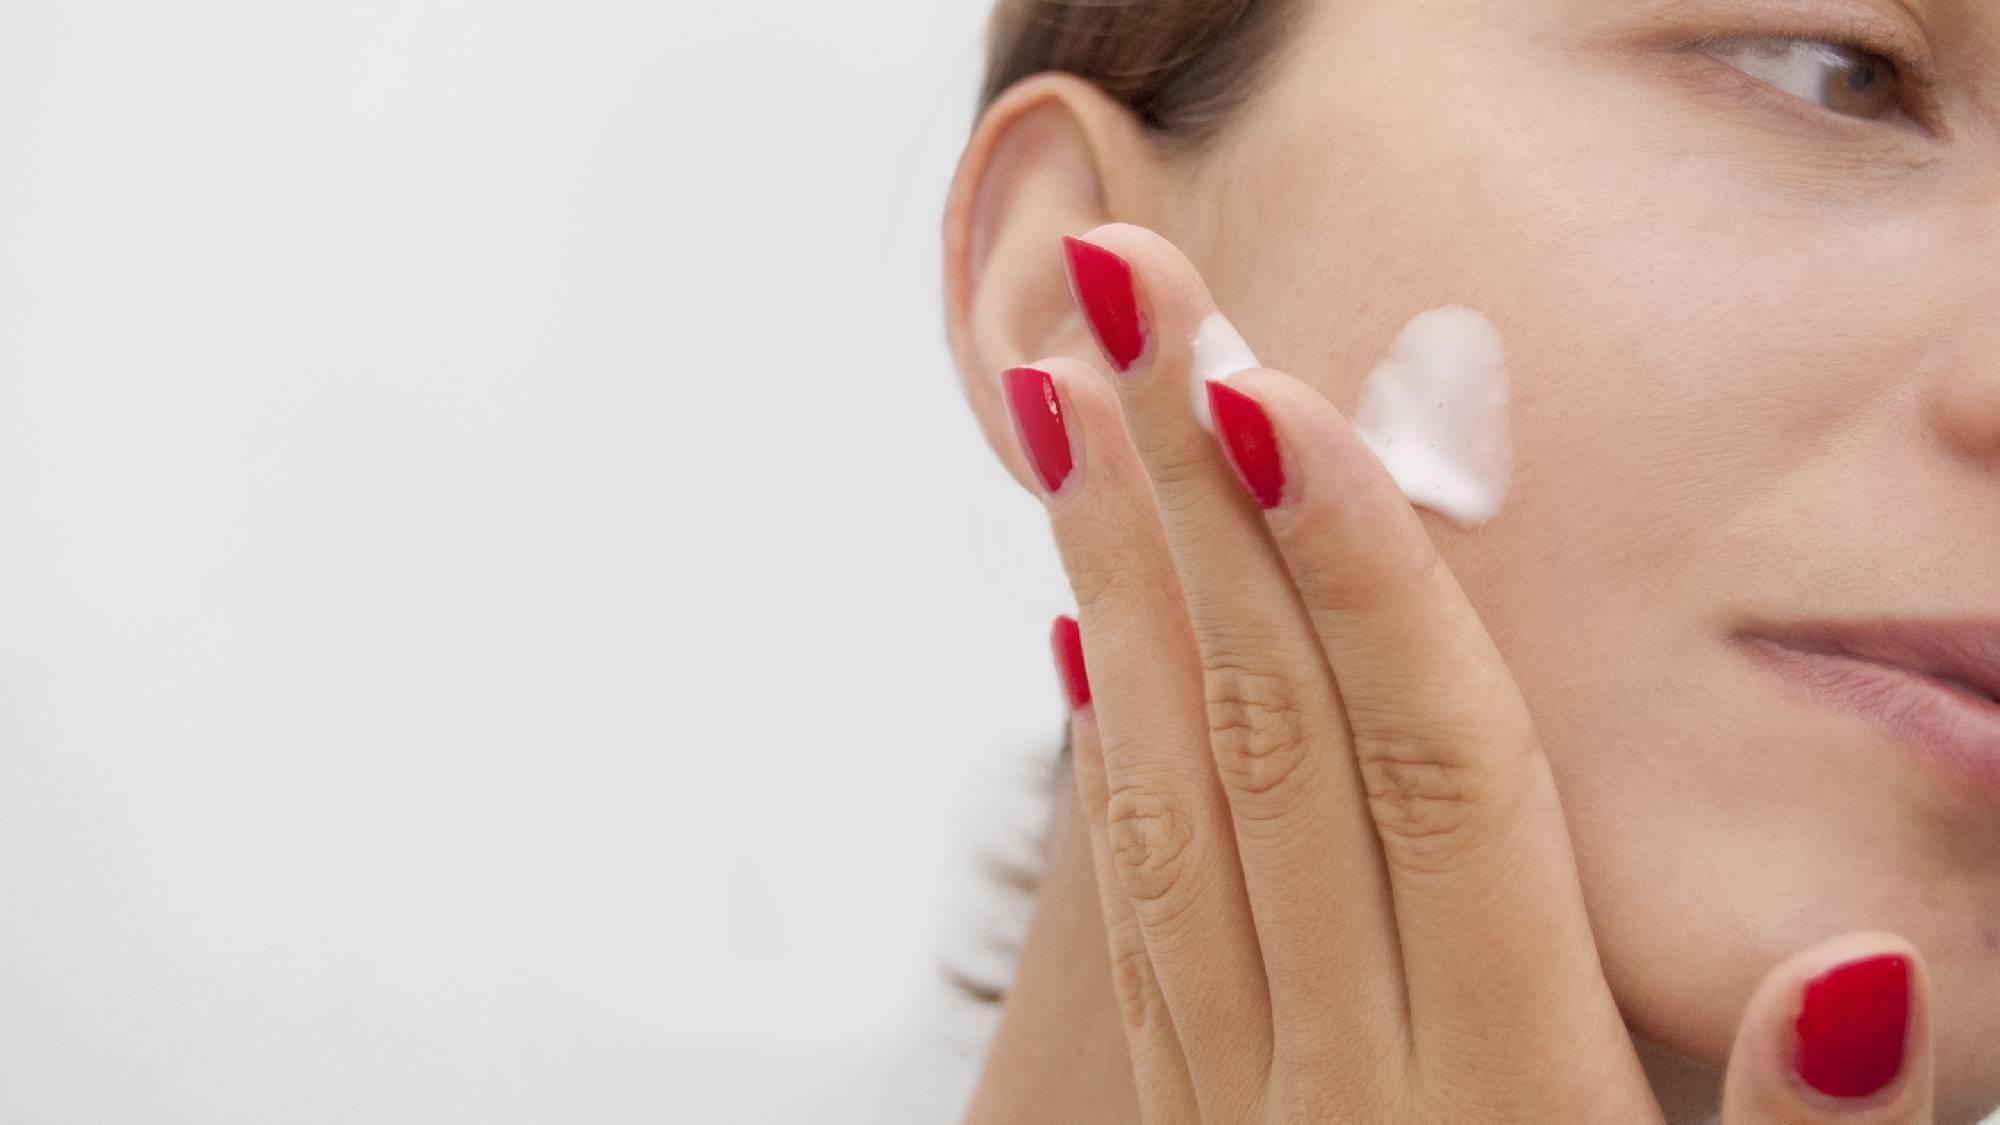 крем радевит для лица отзывы косметологов